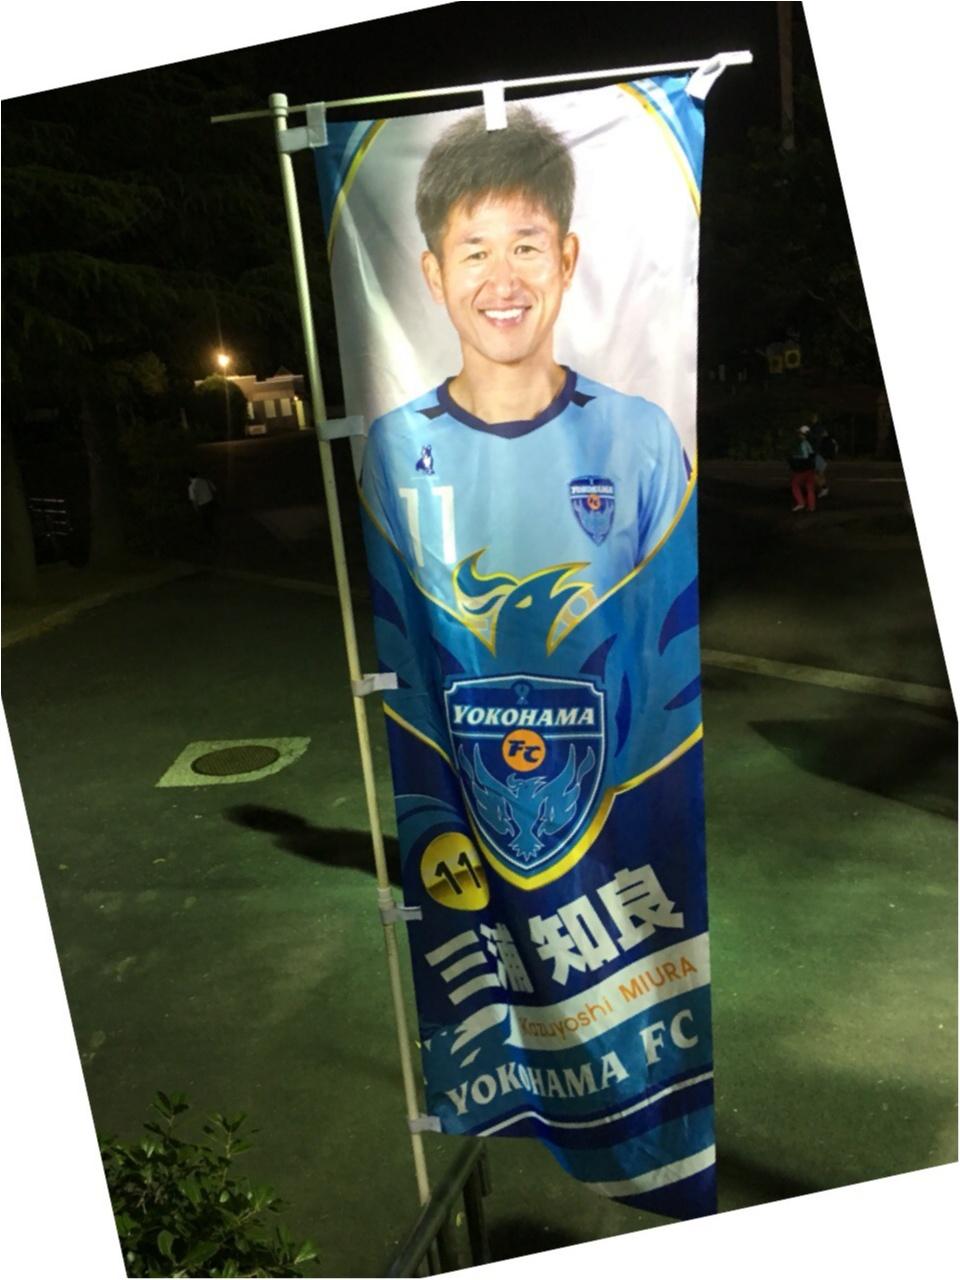 ♡【サッカー観戦】横浜FCvs水戸ホーリーホック♡モアハピ◡̈のぞみ♡_13